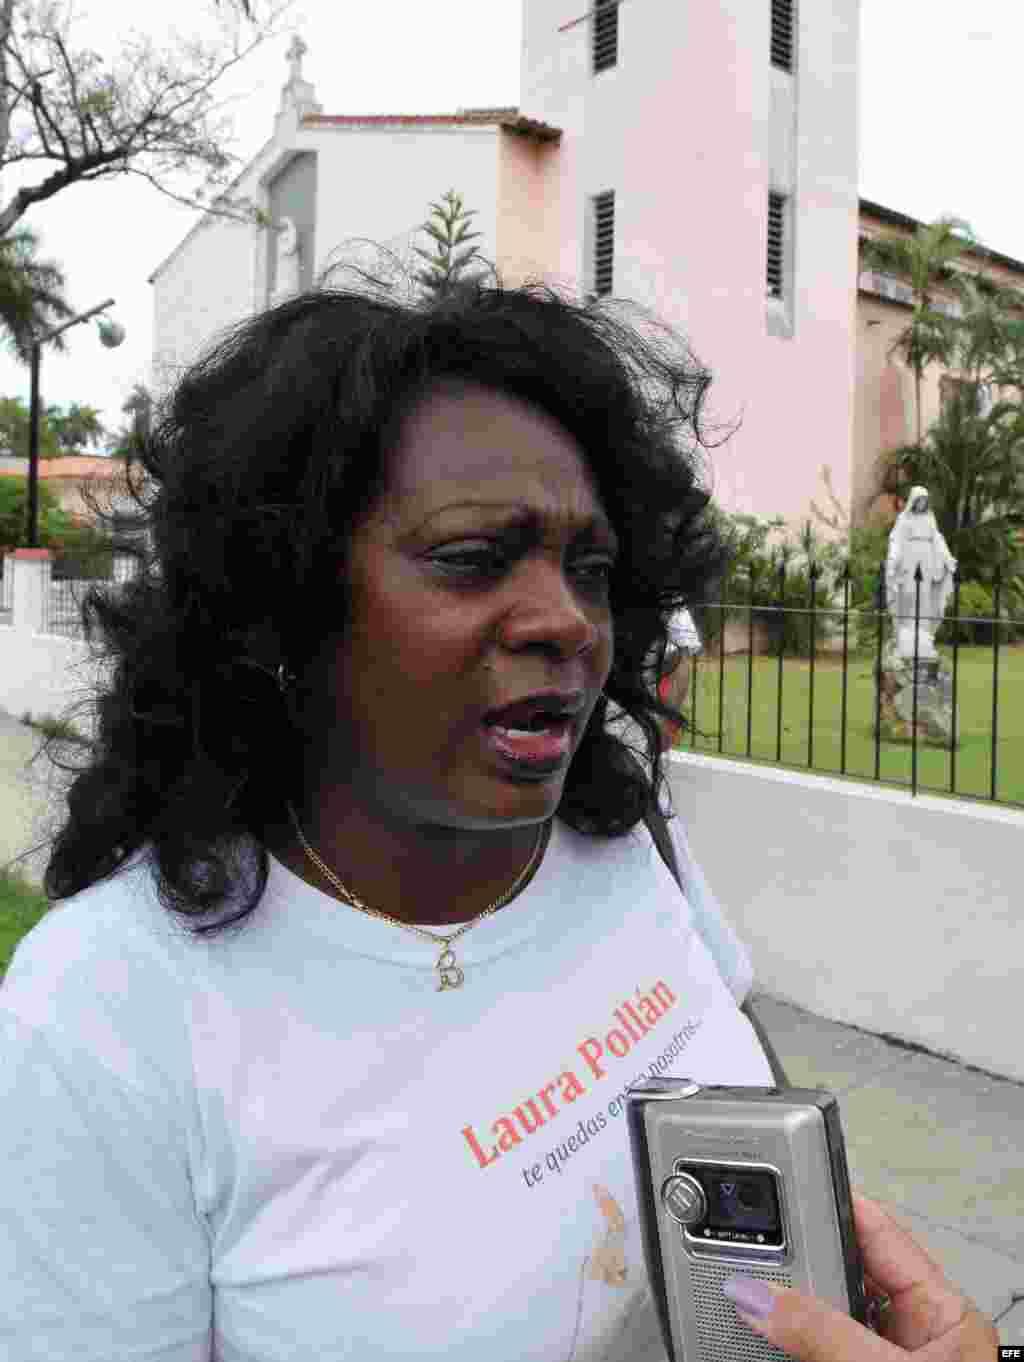 Berta Soler, líder del grupo Damas de Blanco, habla con Efe mientras participa hoy, domingo 2 de junio de 2013, en la tradicional marcha por la 5ta avenida, en La Habana (Cuba), después de regresar a la isla de un recorrido por varios países en busca de a